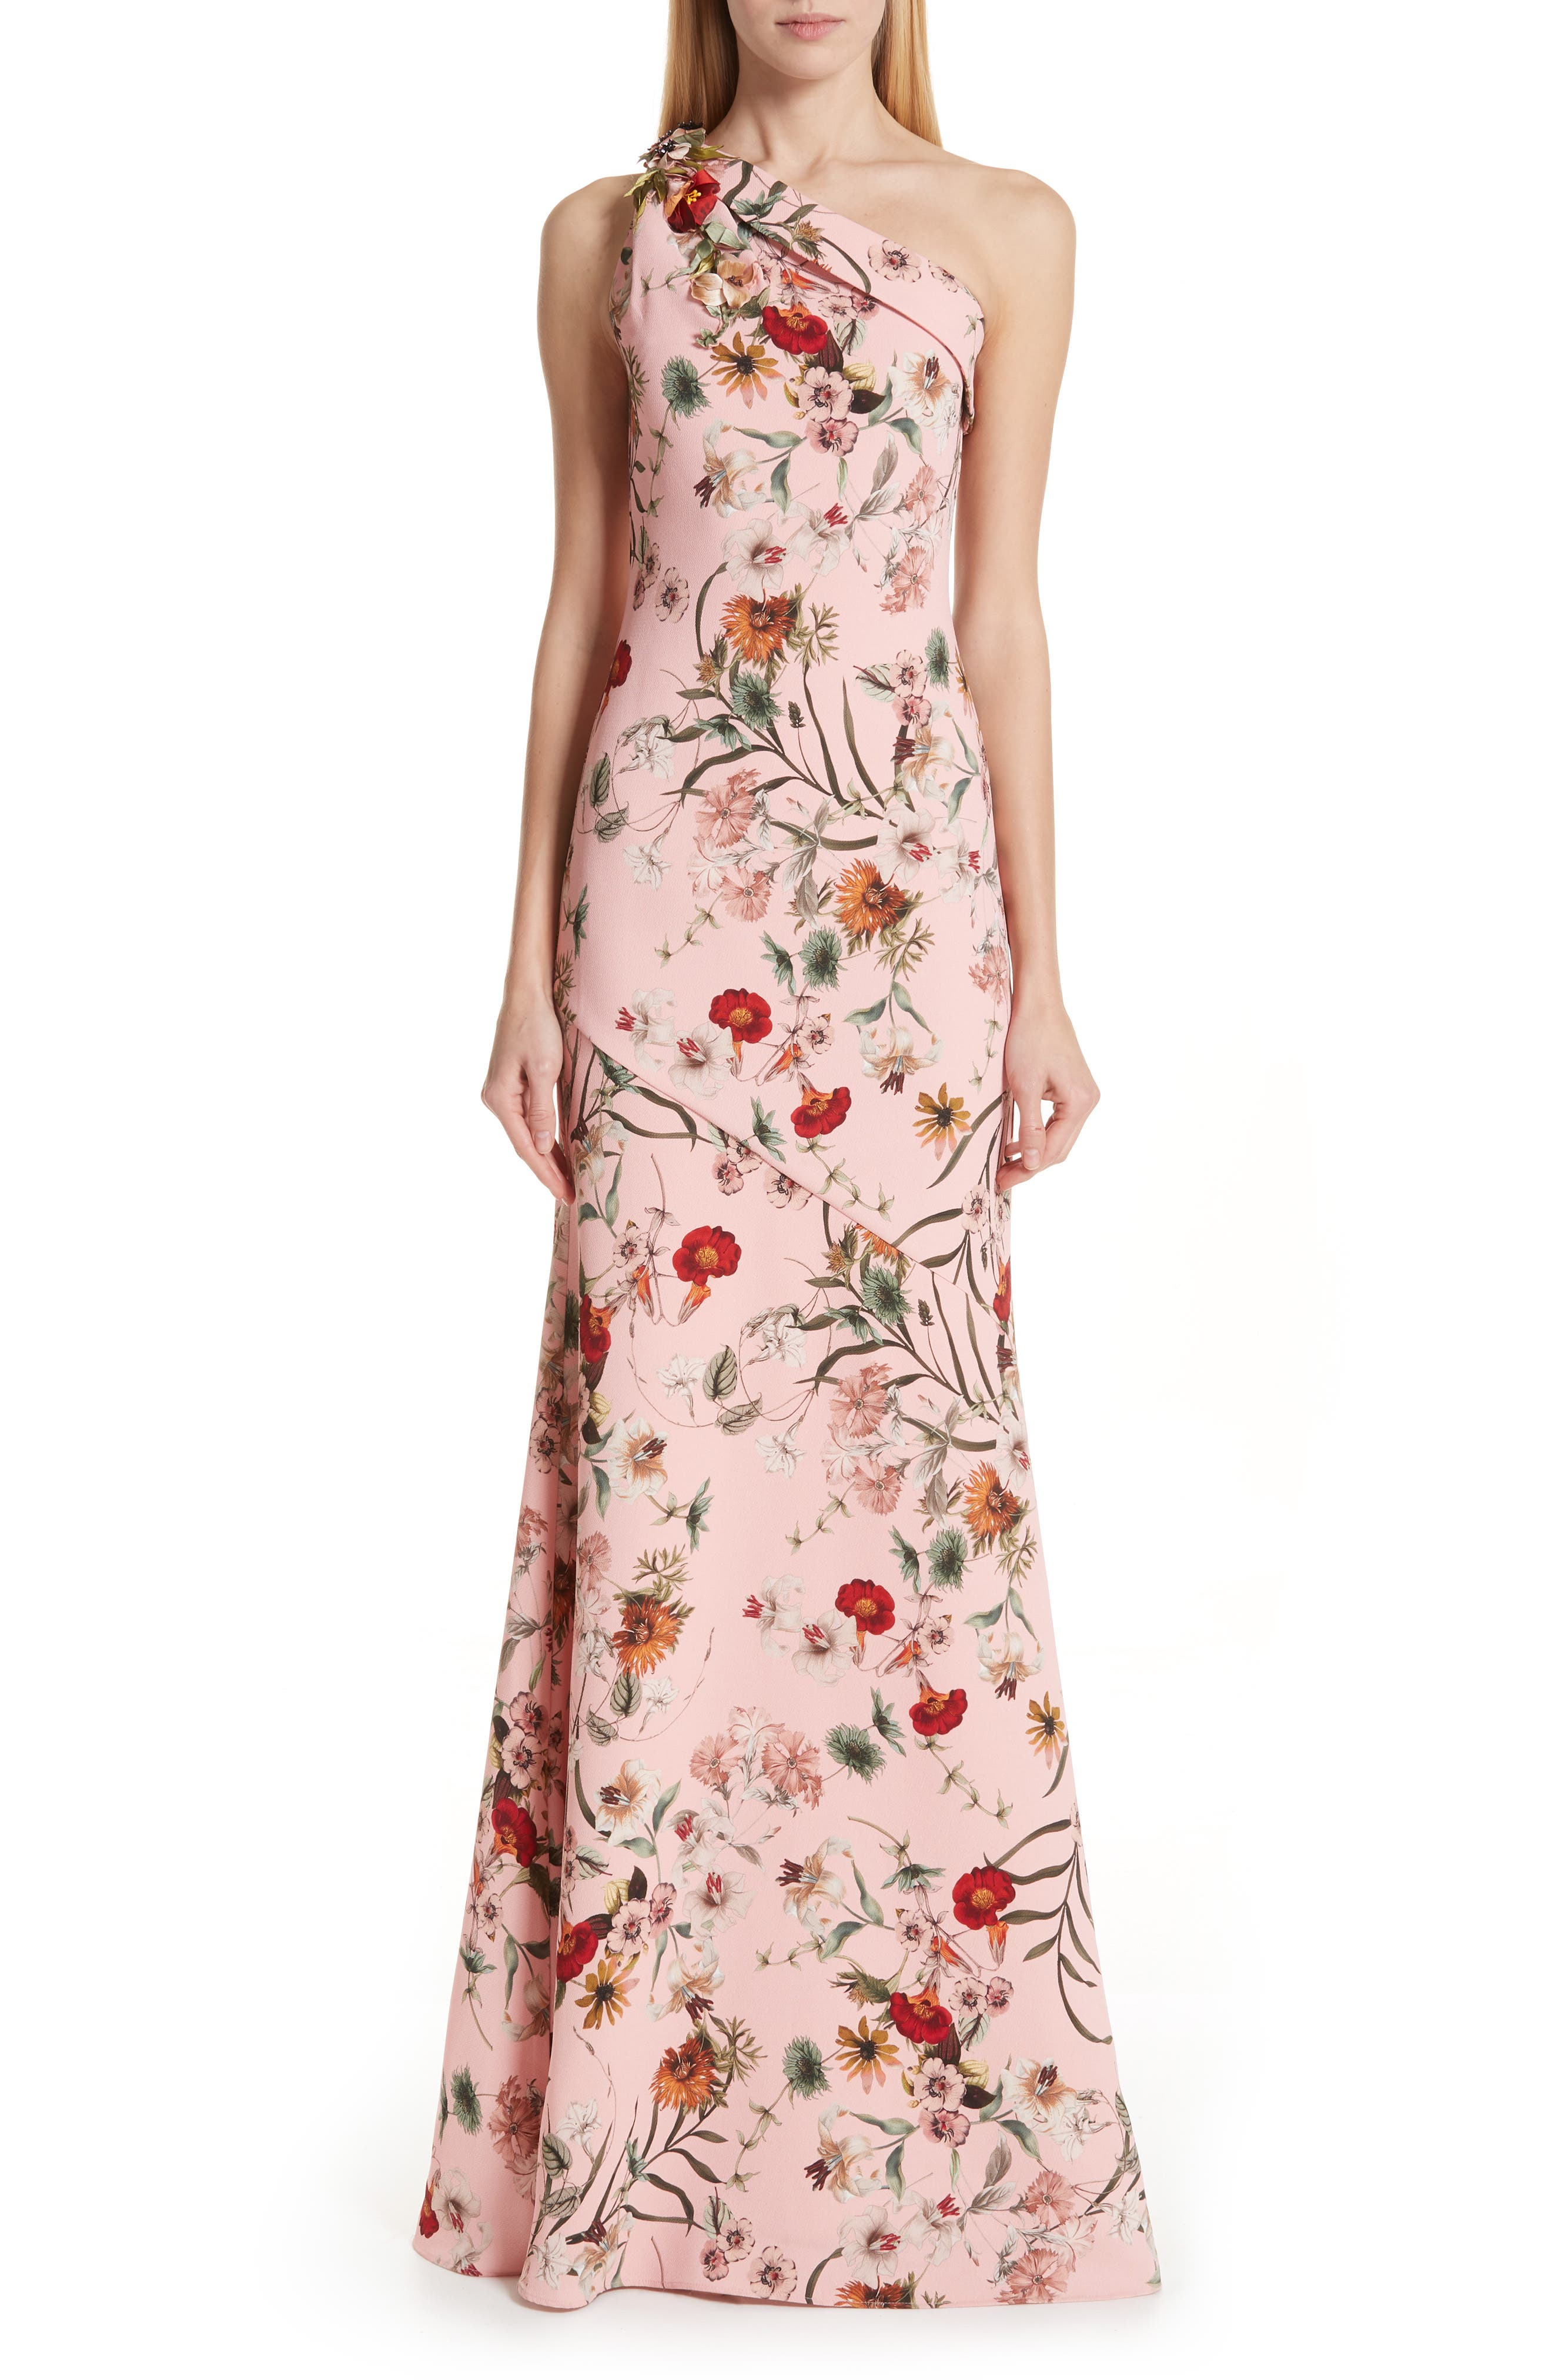 Badgley Mischka One-Shoulder Floral Evening Dress, Pink